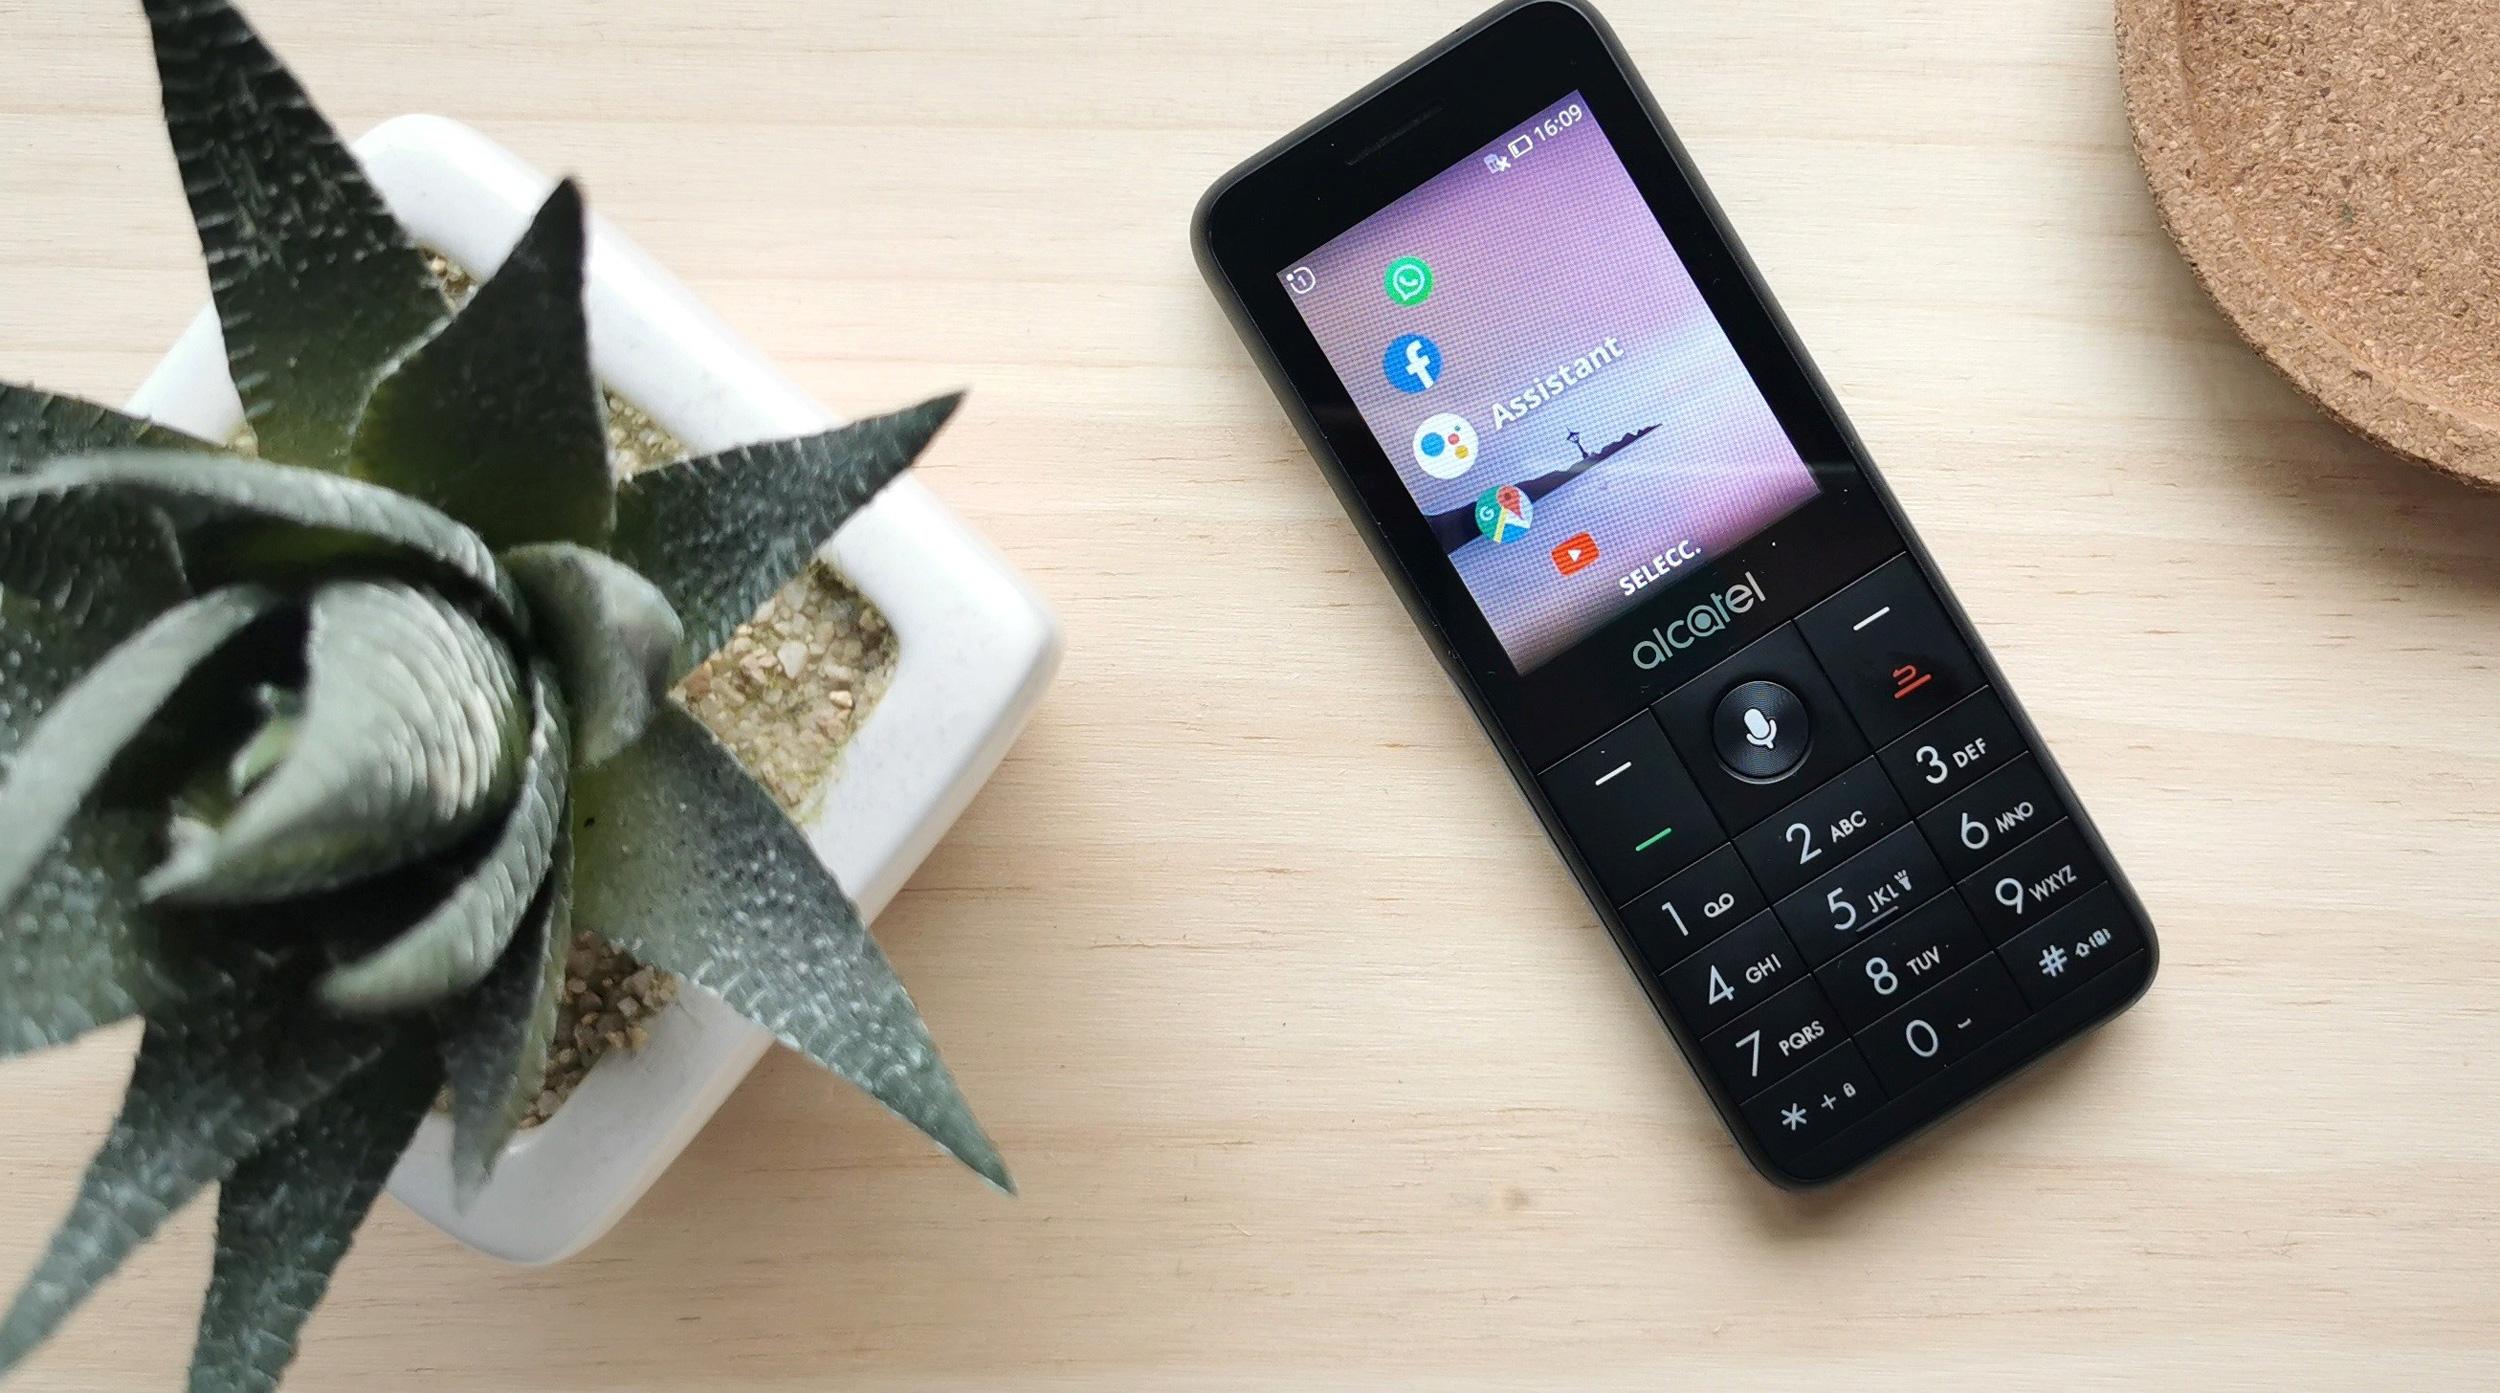 Los teléfonos básicos no se van: Alcatel lanza modelos con WhatsApp, Google Assistant y 4G